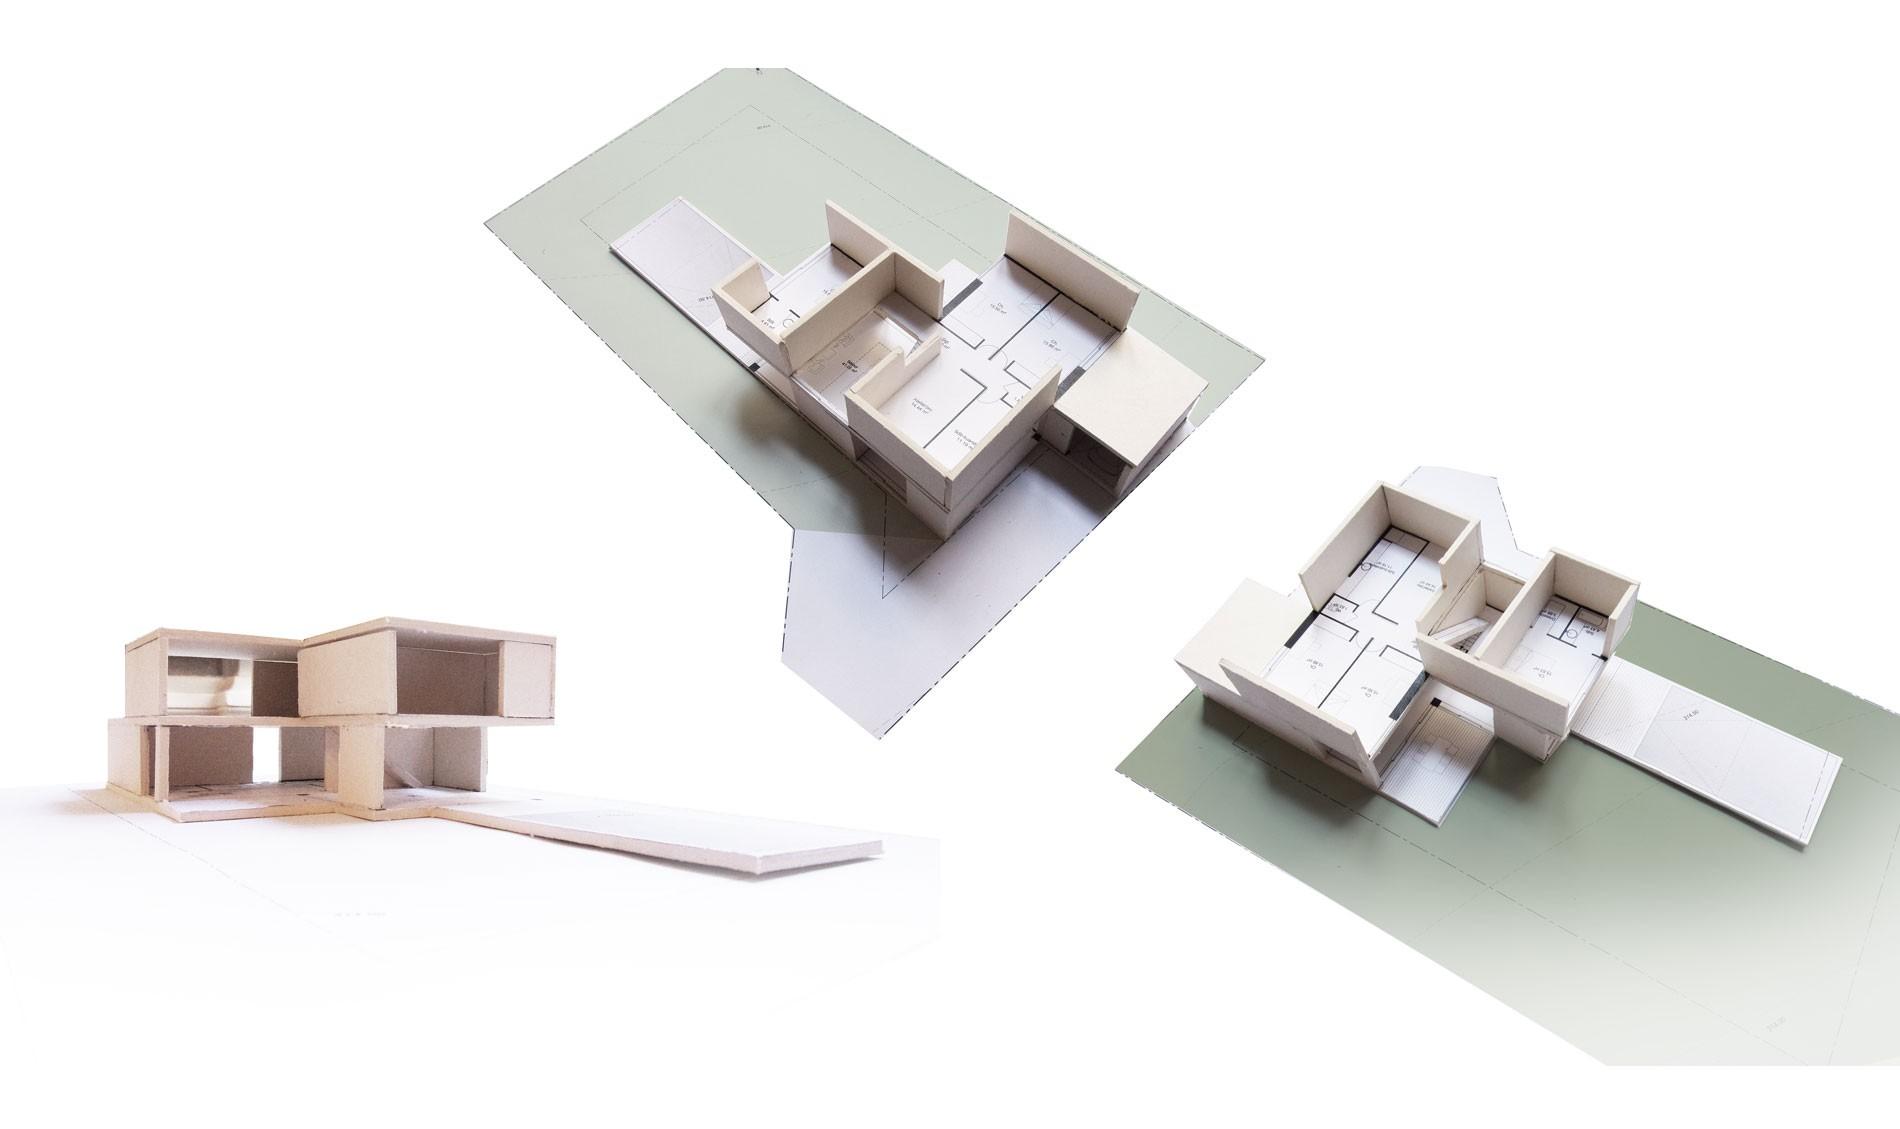 asb-architecture-maison-contemporaine-toiture-terrasse-maquette-4